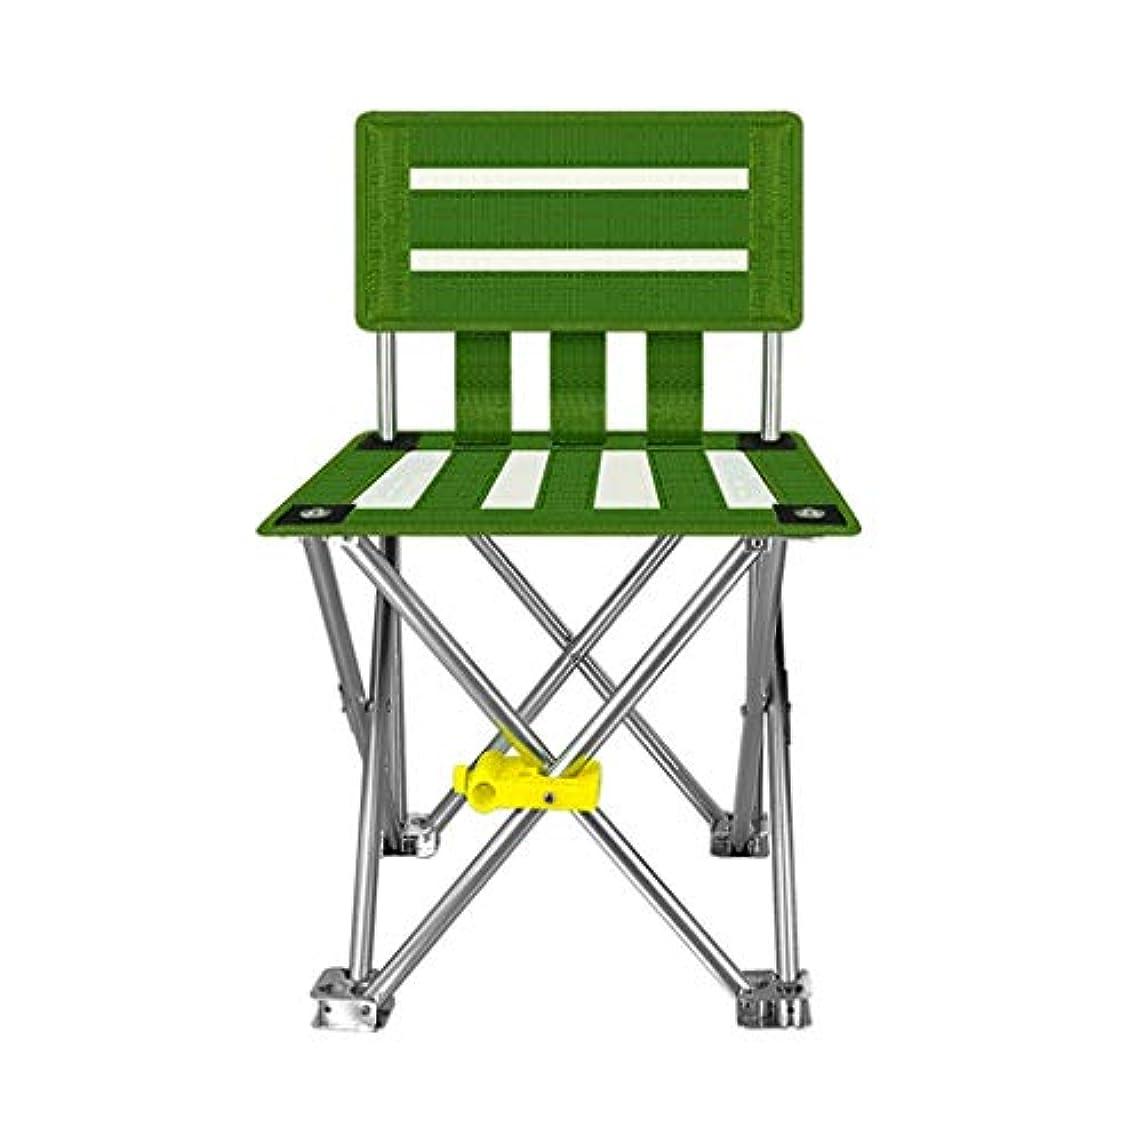 性別重くするペグキャンプチェアポータブルウルトラライト折りたたみ椅子釣り椅子アウトドアレジャー通気性のビーチチェアスポーツチェア (Color : Green, サイズ : L)